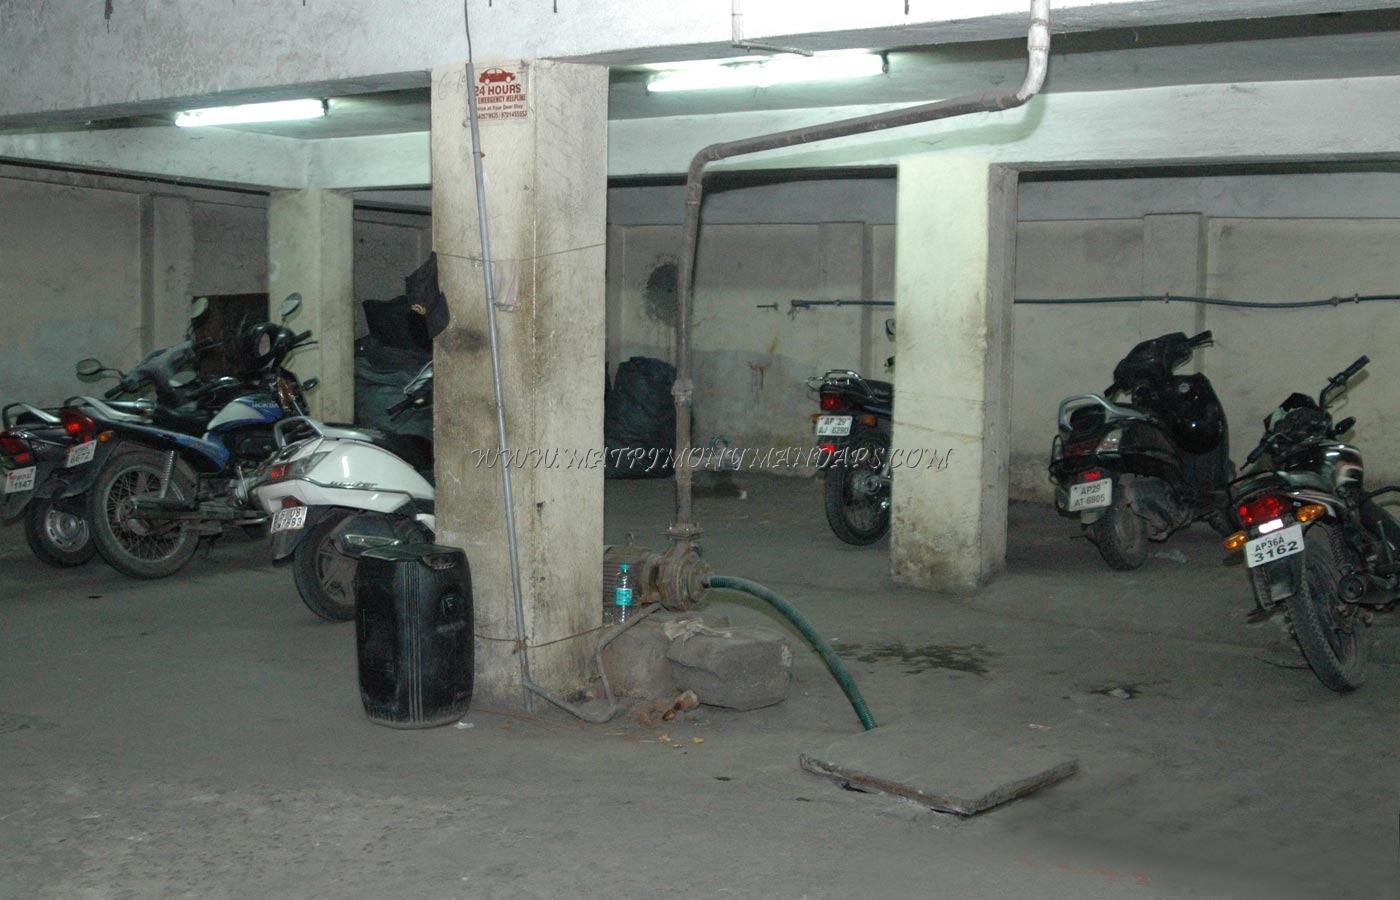 Chutneys Banquet Hall 1 - Bike Parking